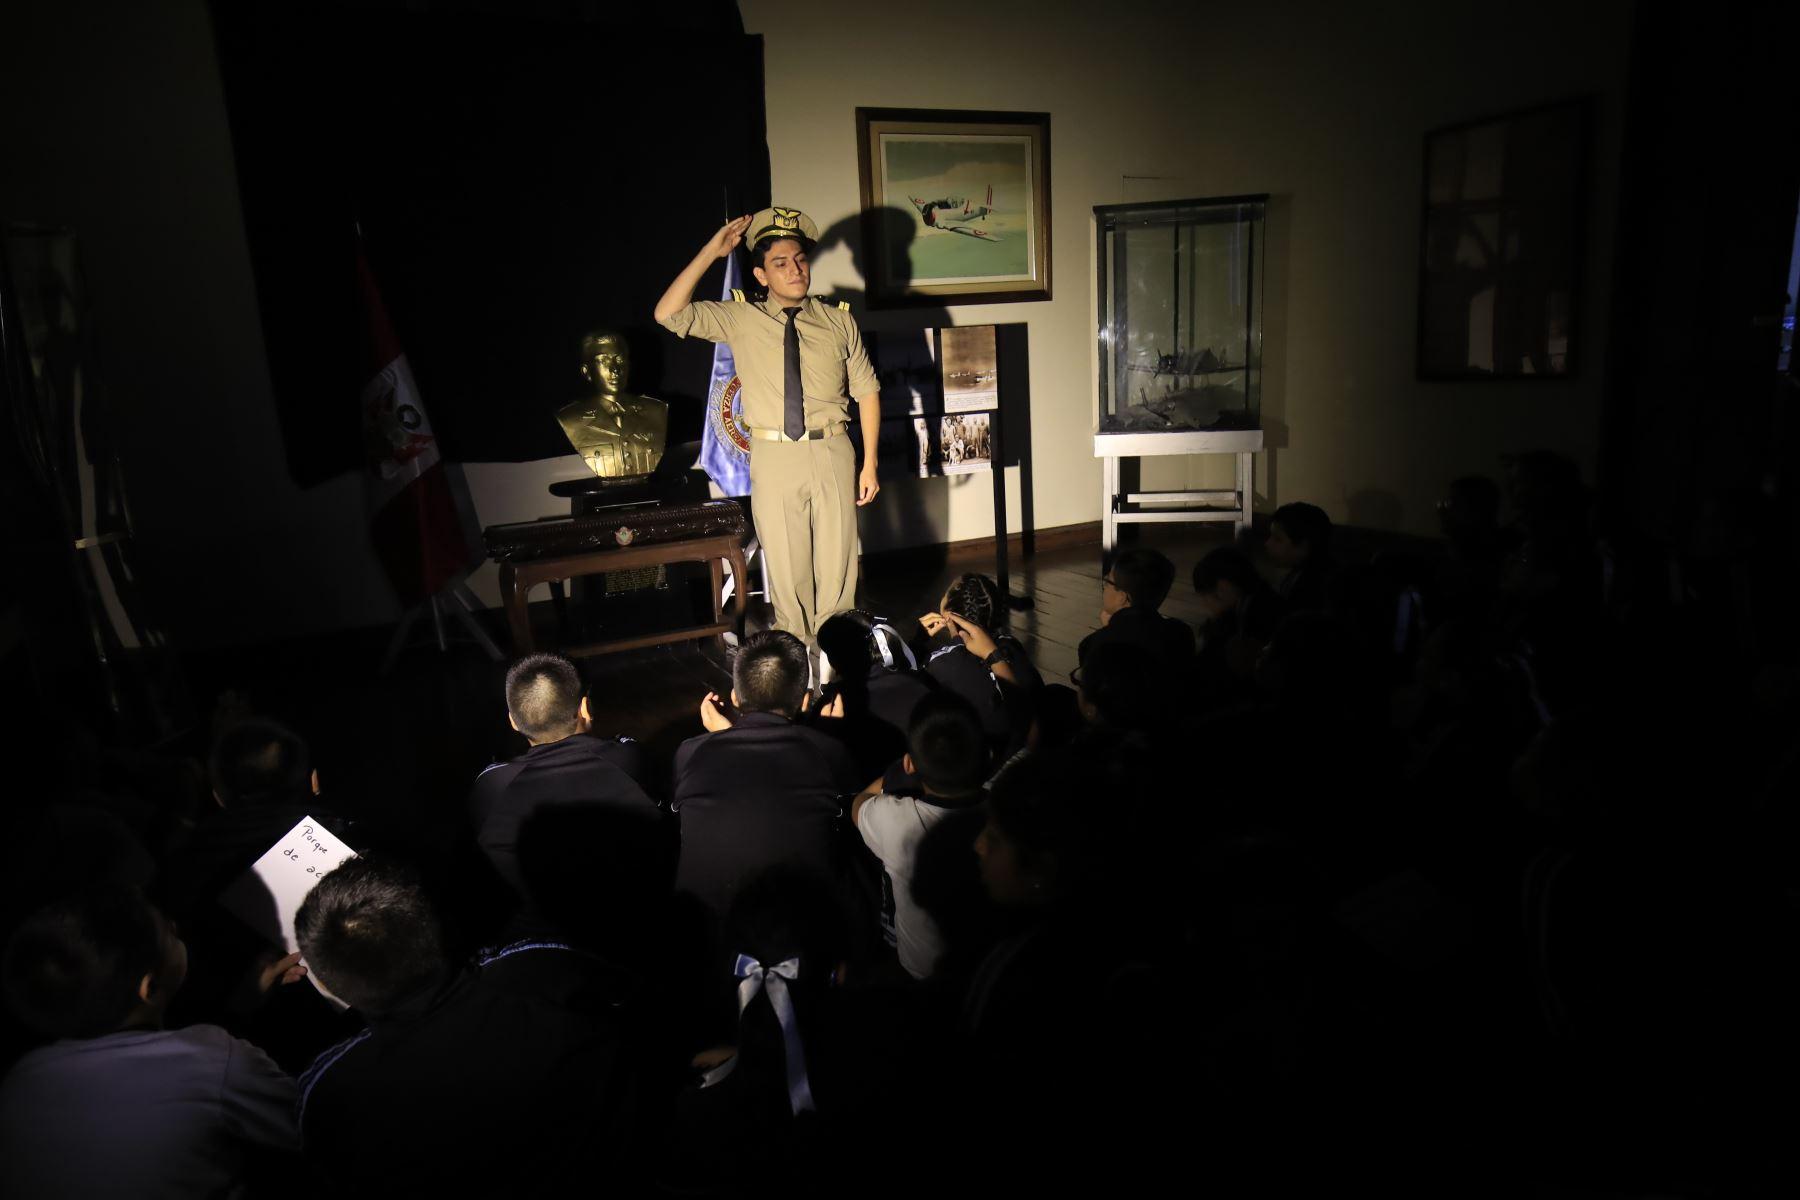 Recorrido para escolares organizado por el Ministerio de Defensa en el Castillo Rospigliosi donde se cuenta la vida del héroe Abelardo Quiñones  Foto: ANDINA / Juan Carlos Guzmán Negrini